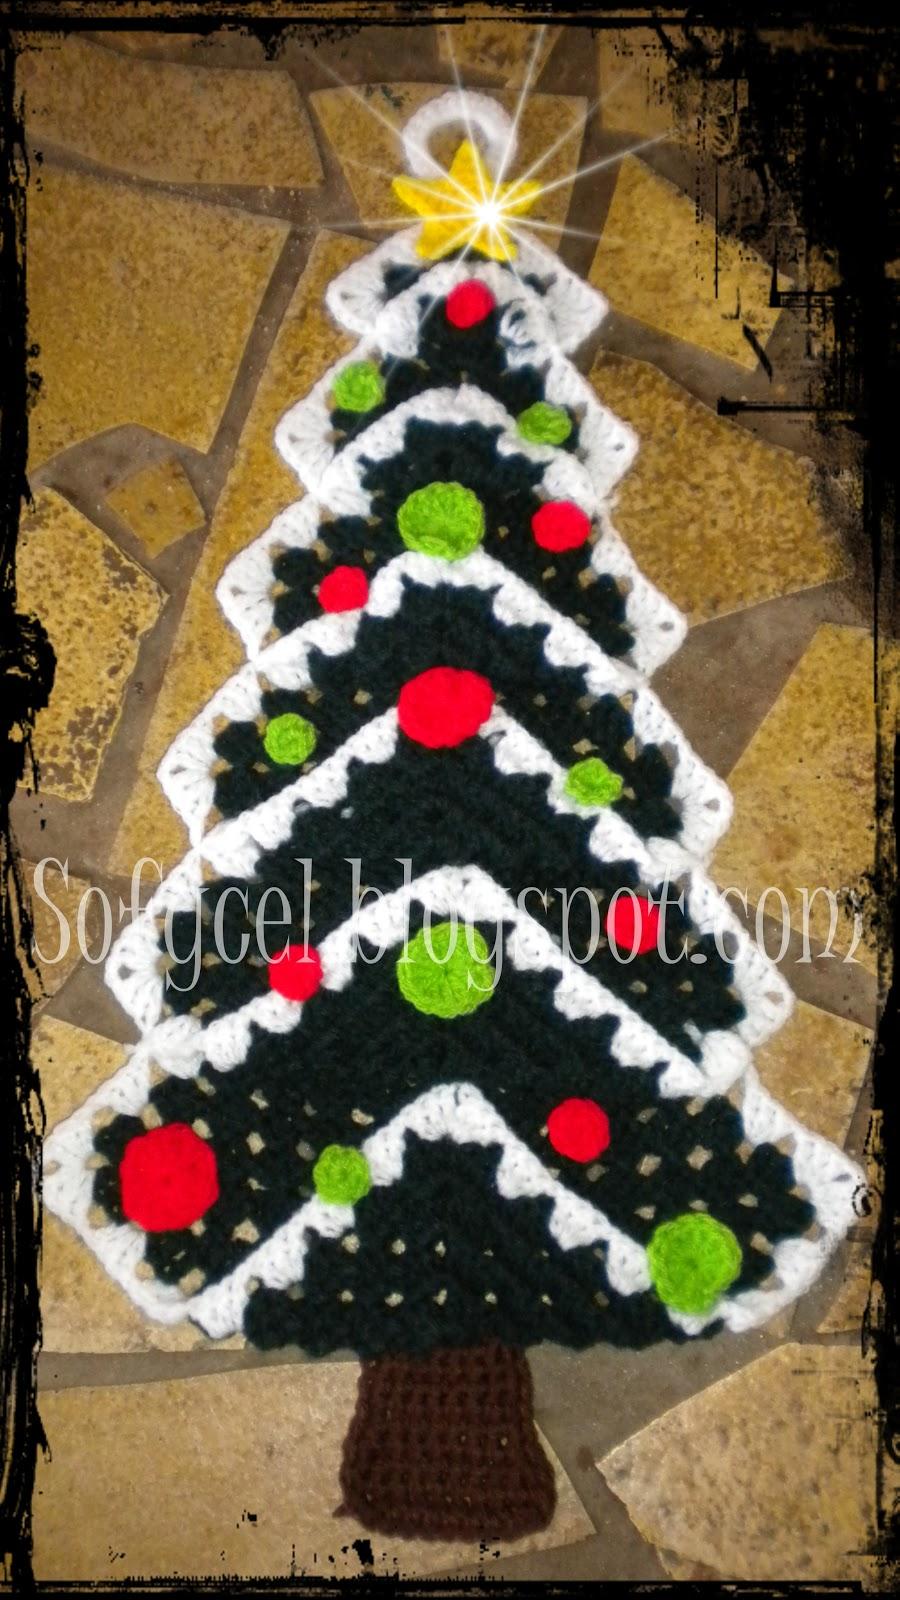 Sofycel creaciones la navidad se acerca for Puertas decoradas arbol de navidad